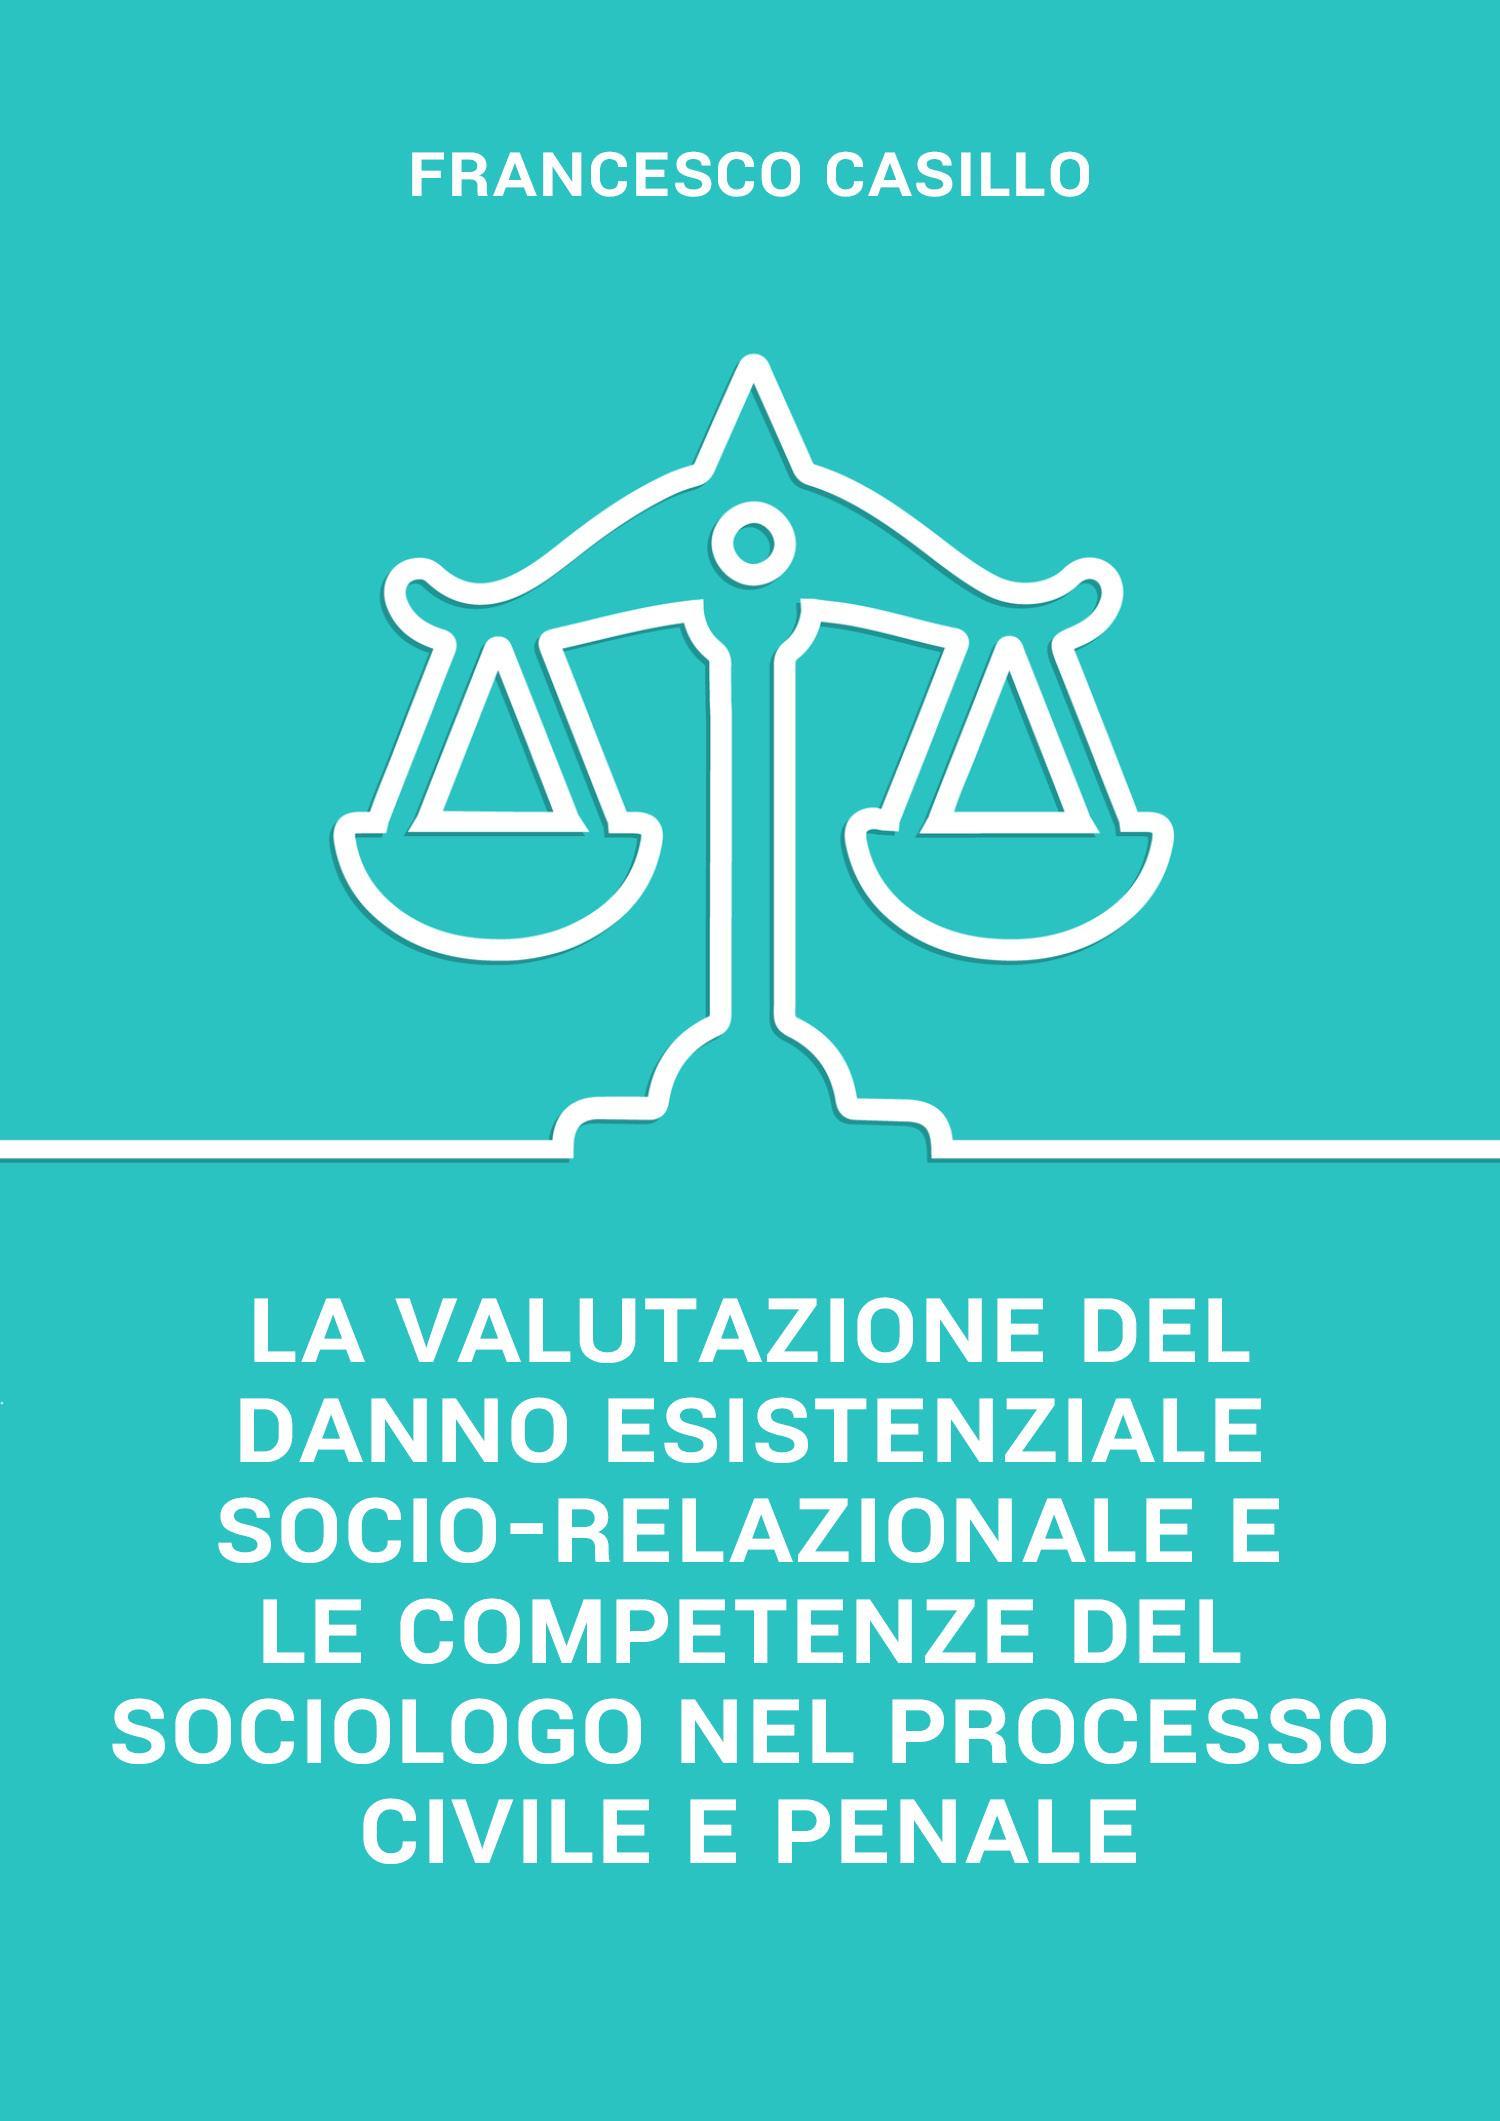 La valutazione del danno esistenziale socio-relazionale e le competenze del sociologo nel processo civile e penale